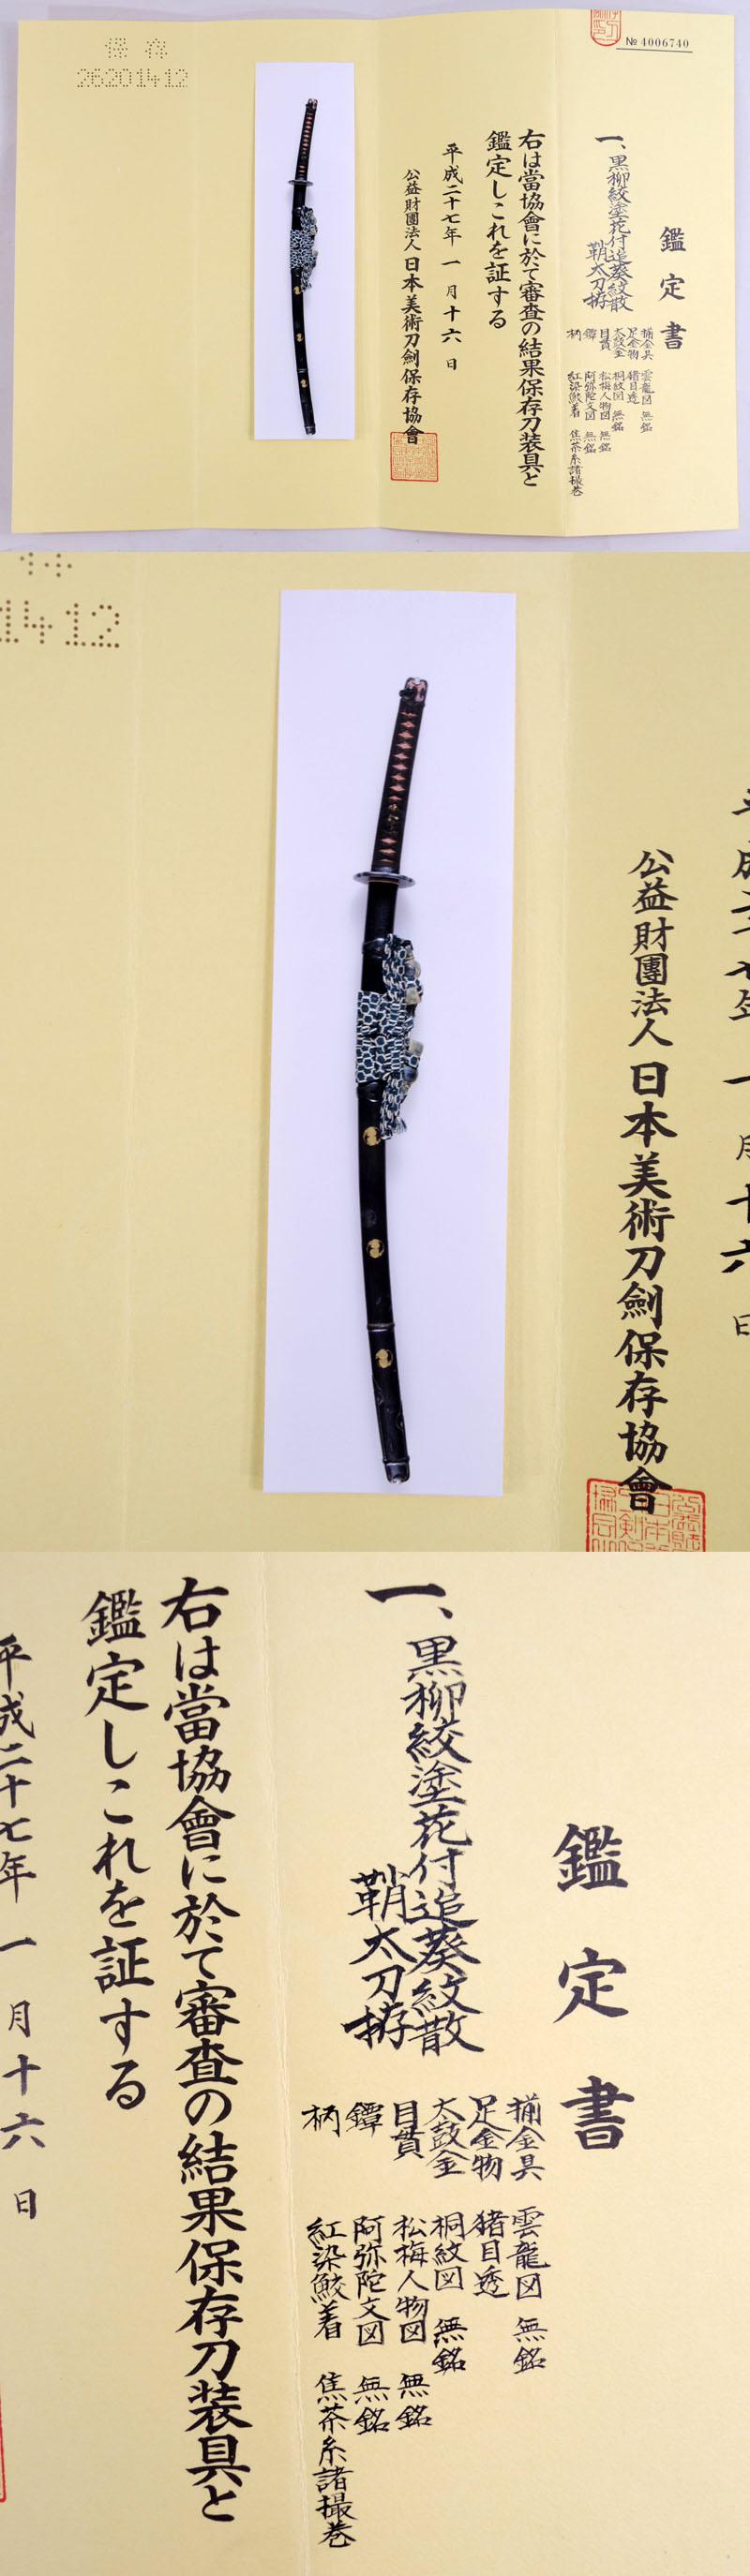 黒柳紋塗花付追葵紋散鞘太刀拵 Picture of Certificate